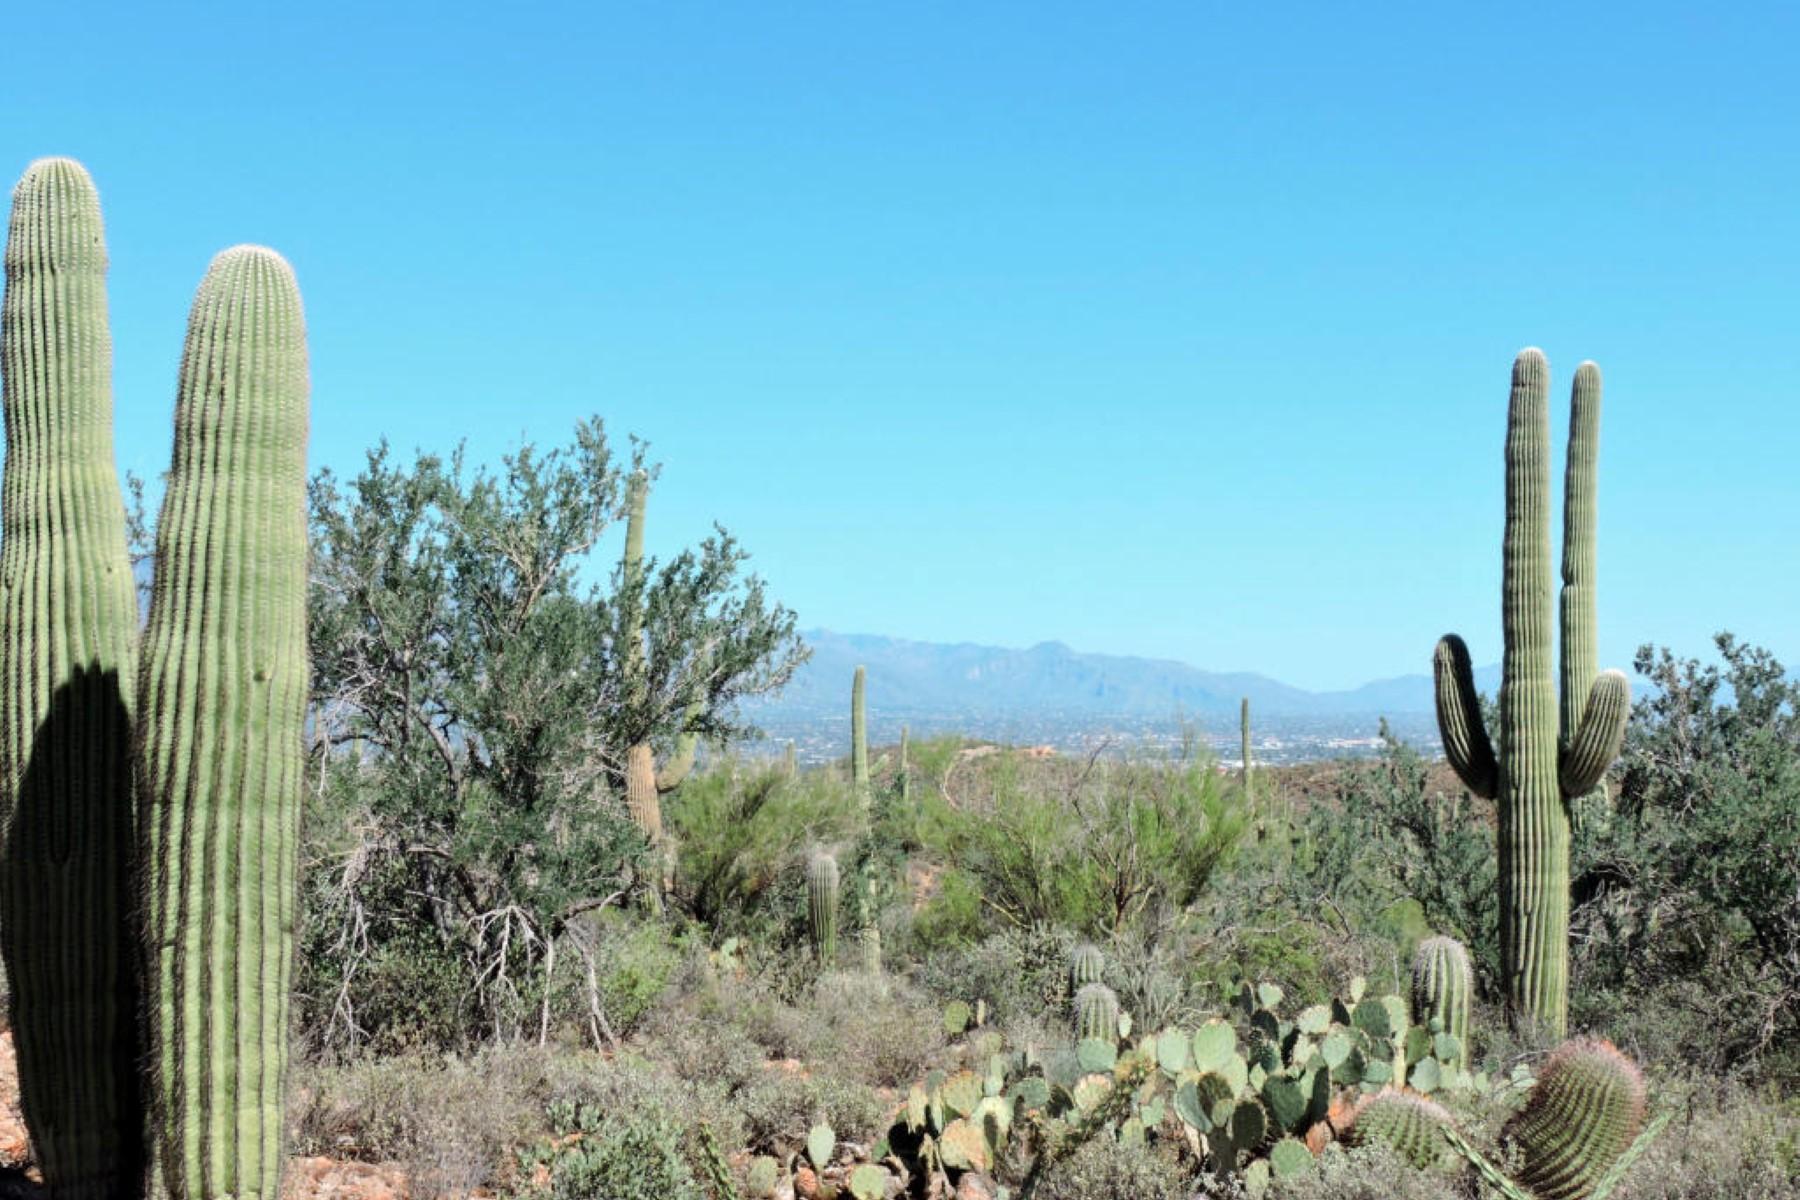 Terreno por un Venta en Amazing Homesite With Breathtaking Panoramic Views 3975 N Avenida Dos Vistas Tucson, Arizona 85745 Estados Unidos